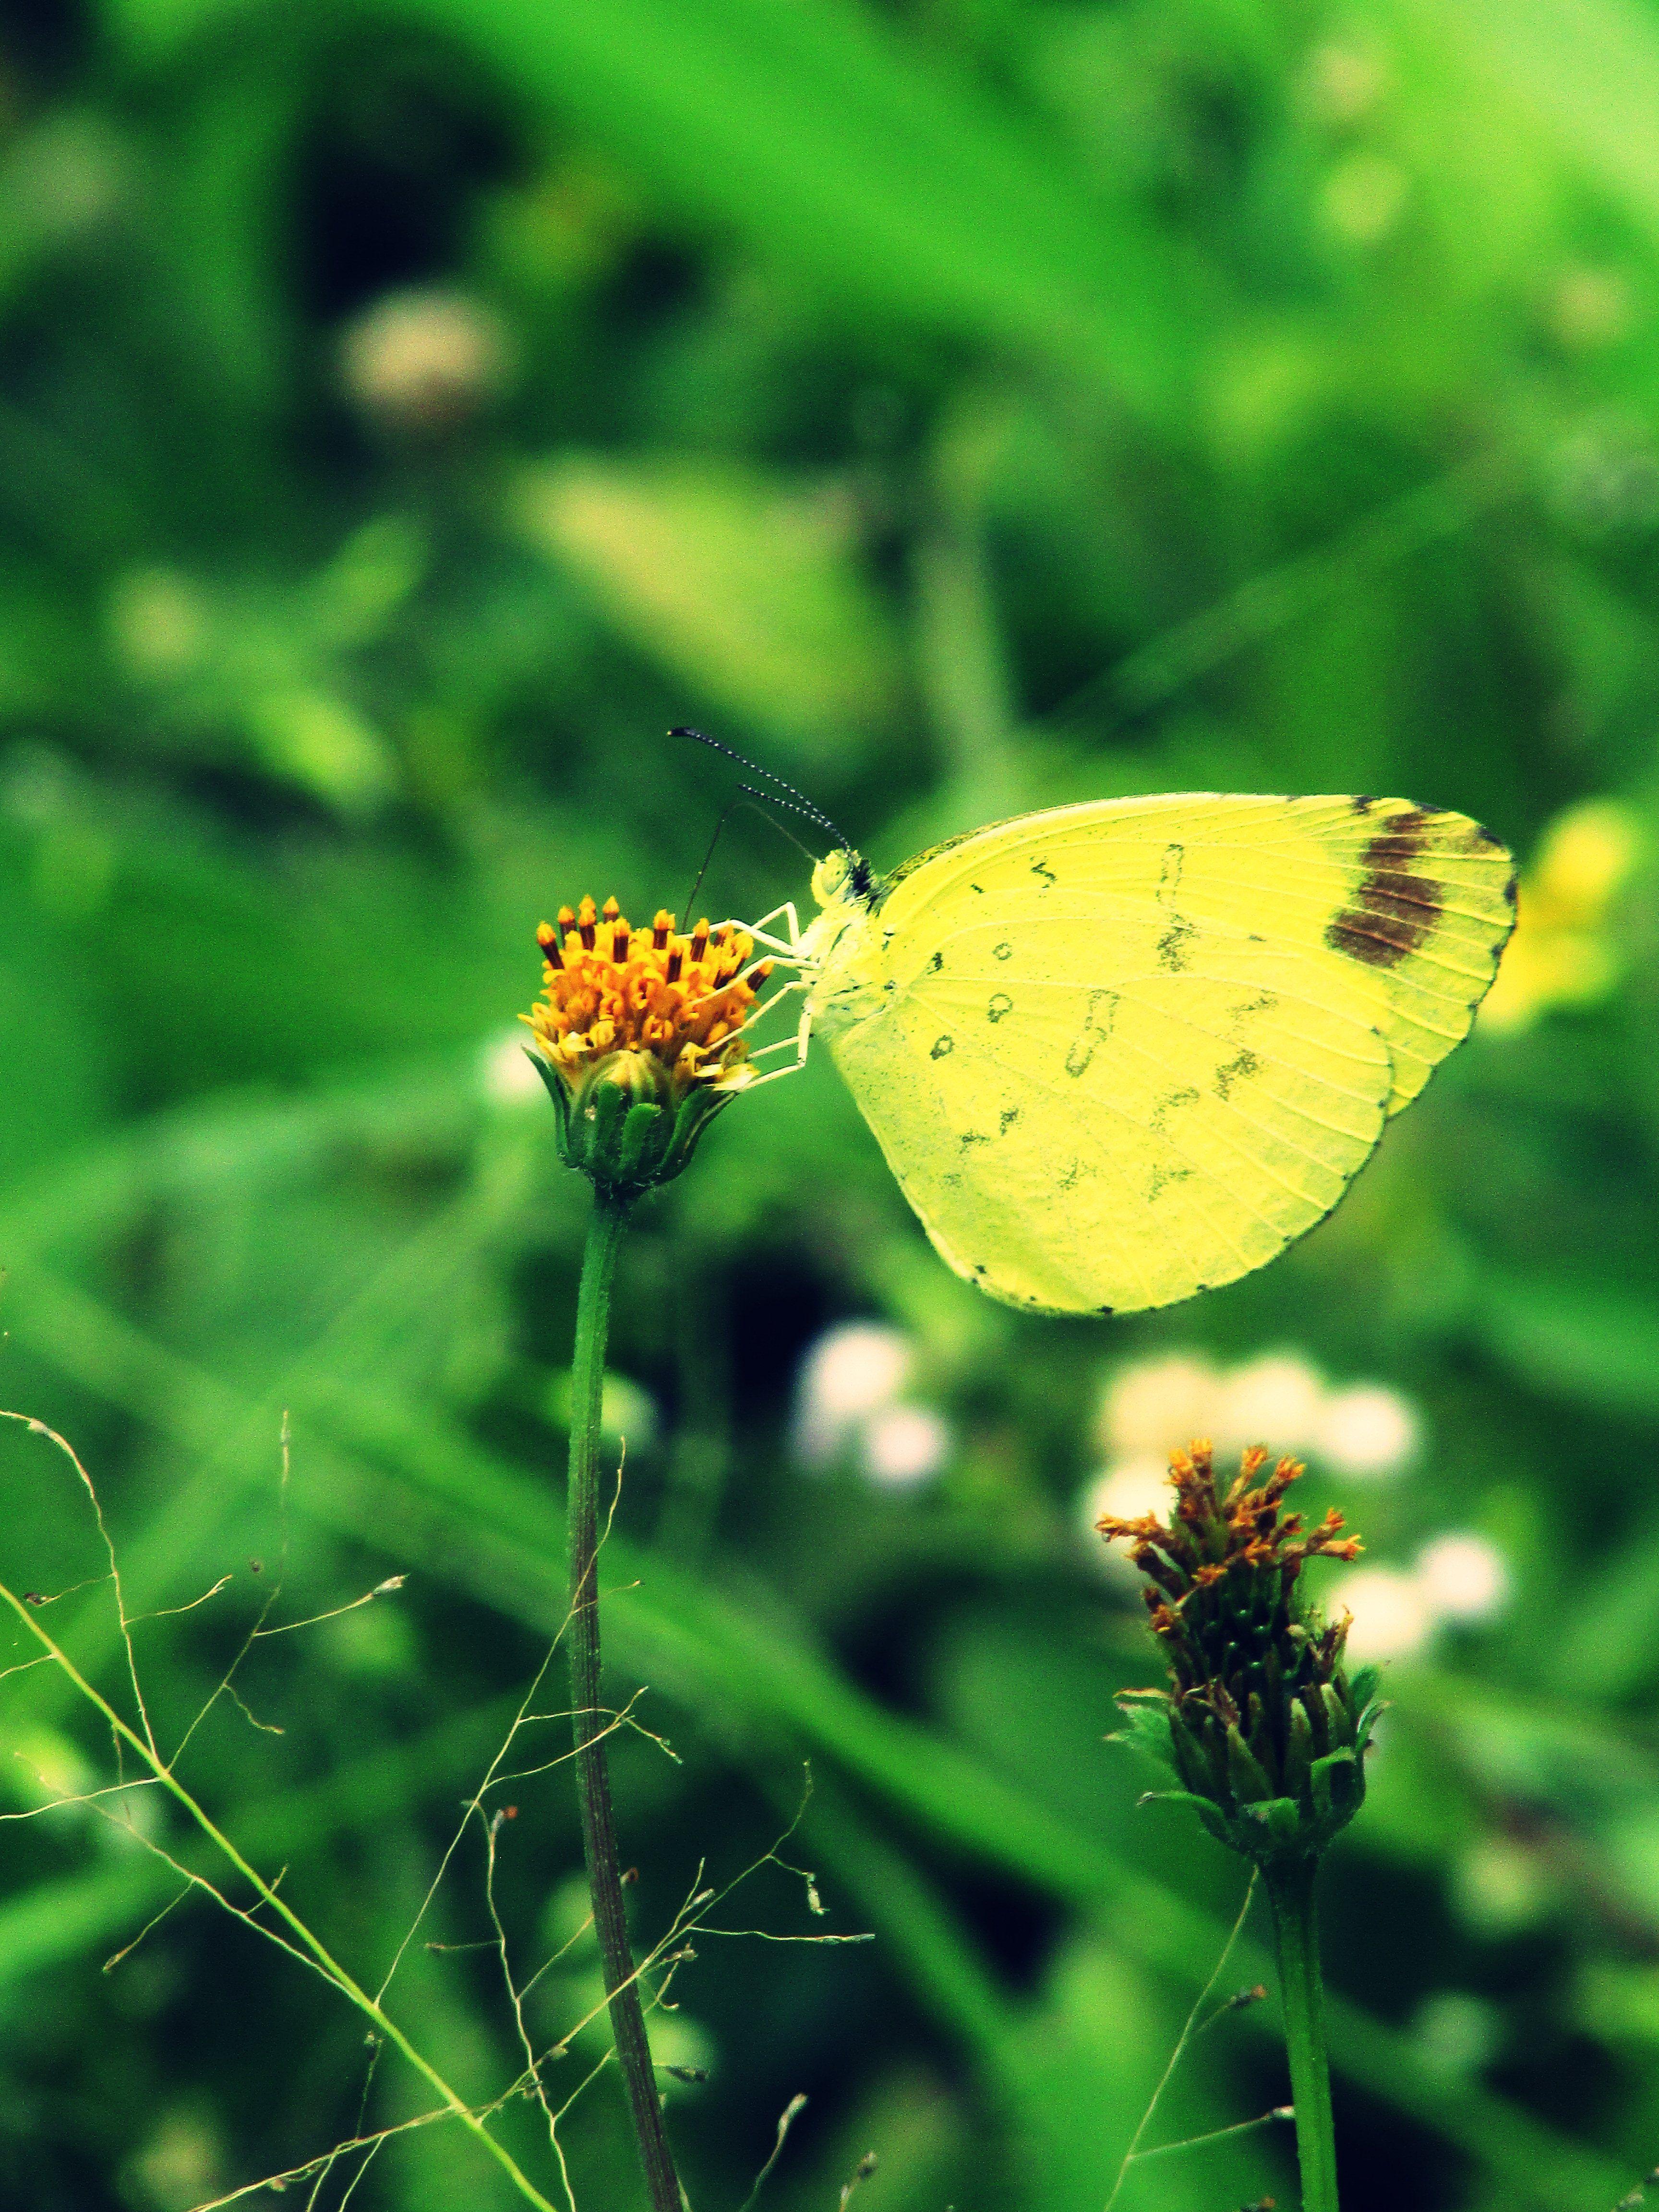 Pin By Jukie Alamsyah On Tentang Bunga Pinterest